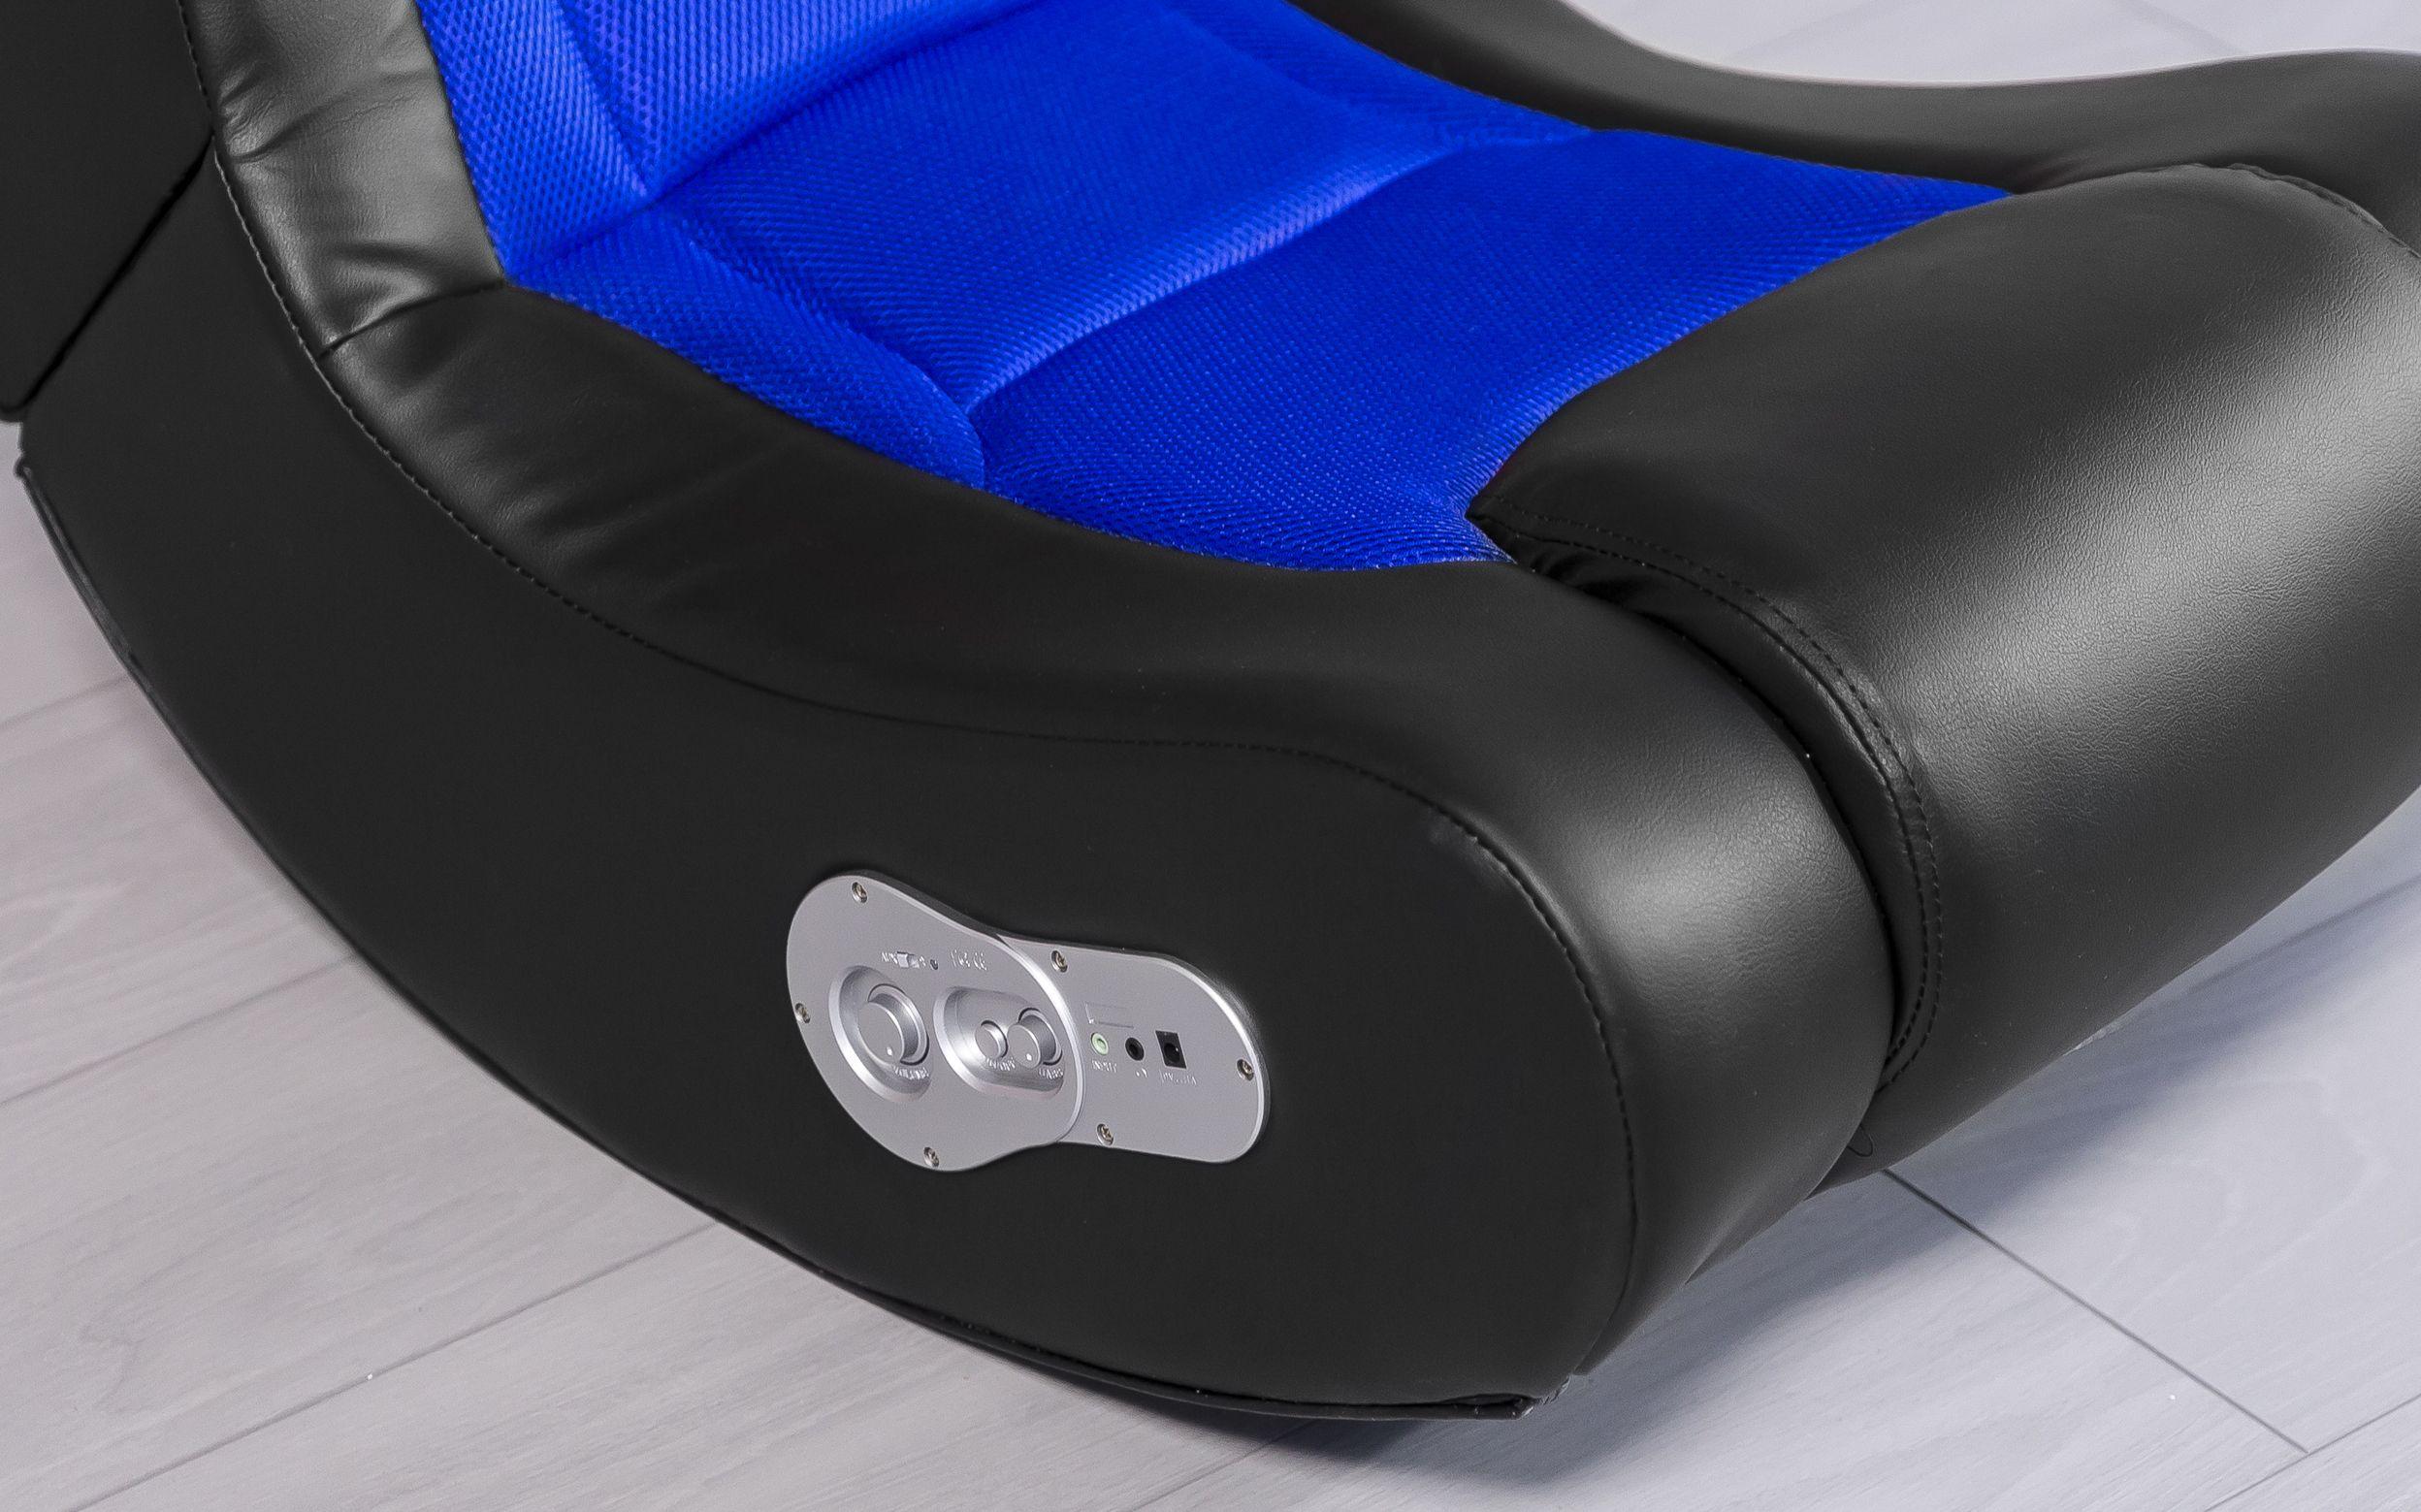 Wohnling Booster Soundchair Blau Mit Bluetooth Wl8 009 Aus